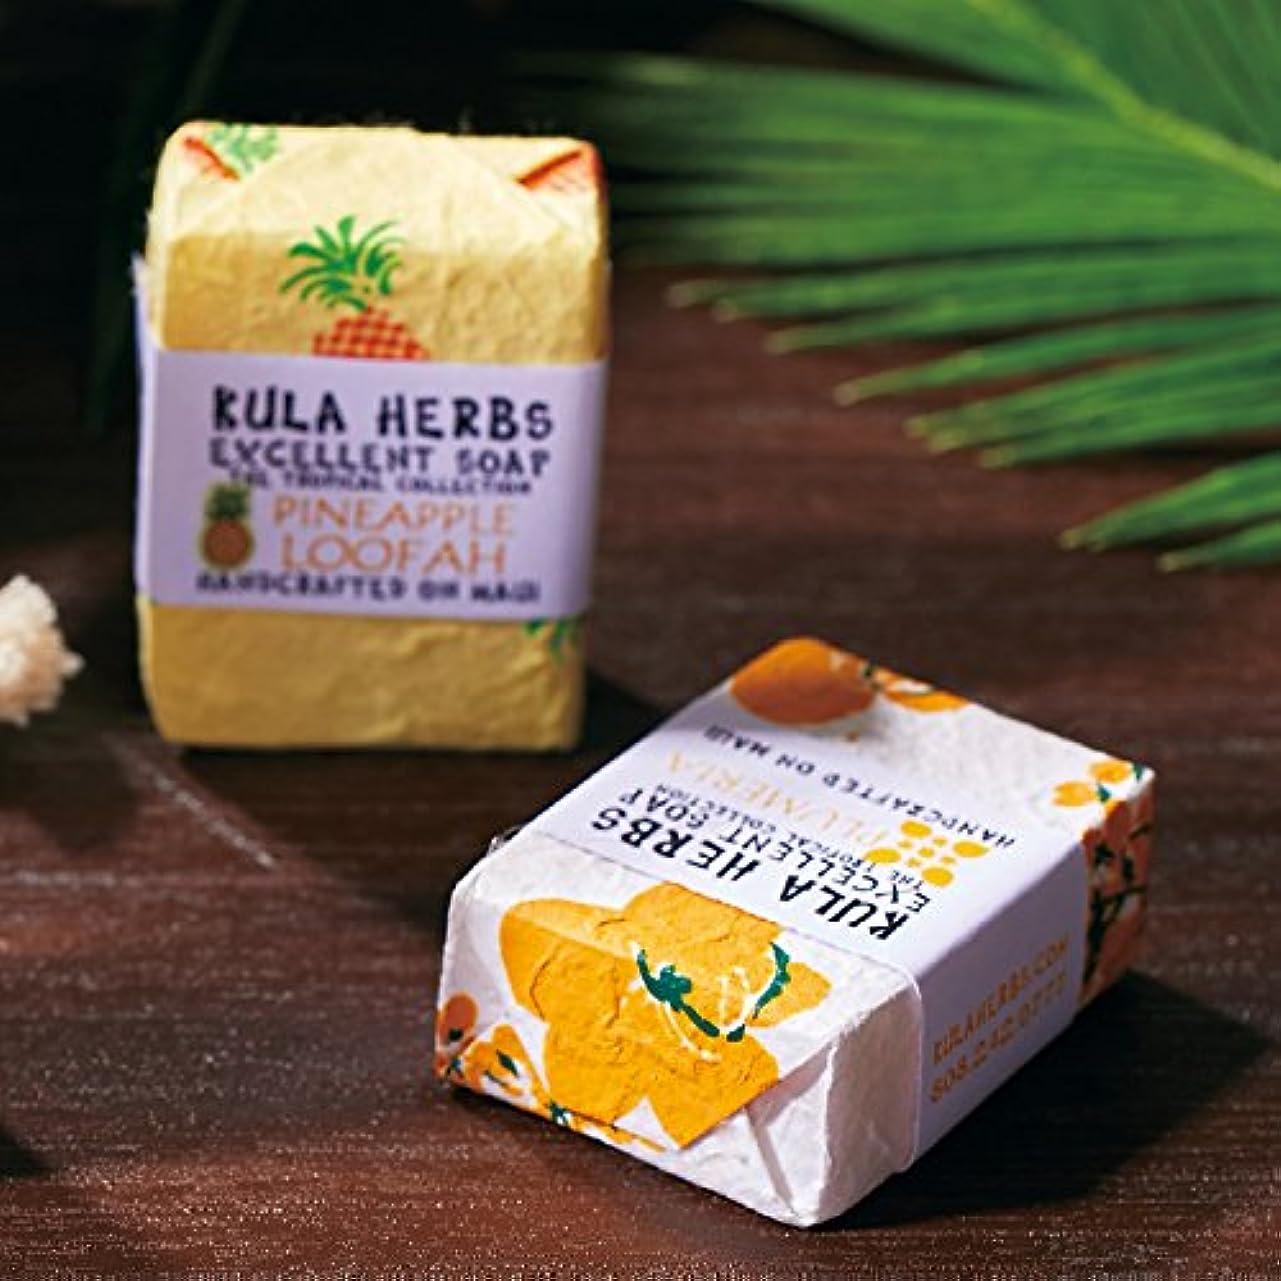 実施する配分うんざりハワイ 土産 クラハーブス ソープ 2種4コセット(ミニミニポーチ付) (海外旅行 ハワイ お土産)